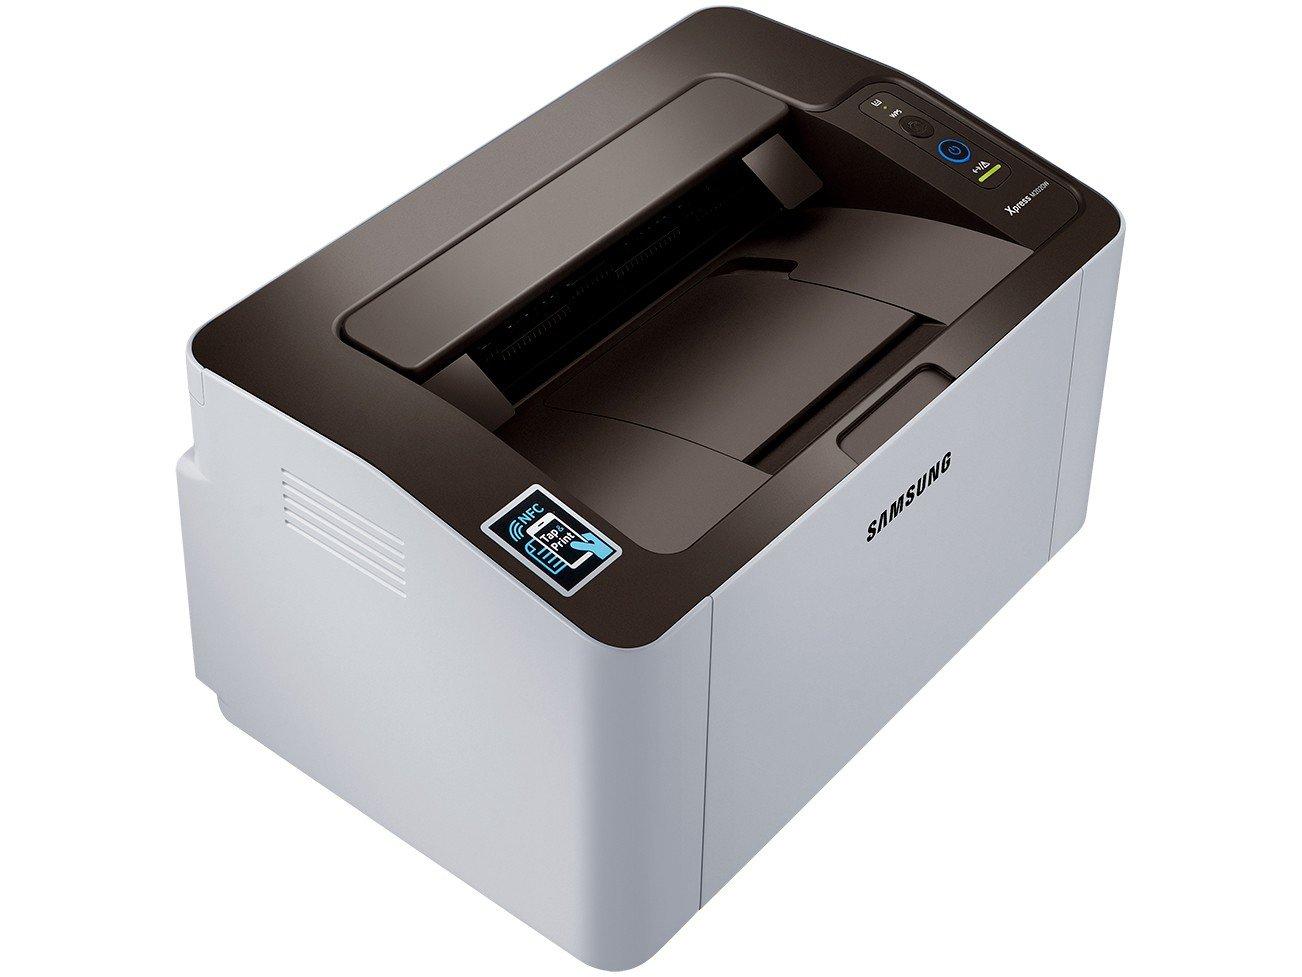 Foto 8 - Impressora Samsung Xpress SL-M2020W Wi-Fi - Monocromática USB NFC